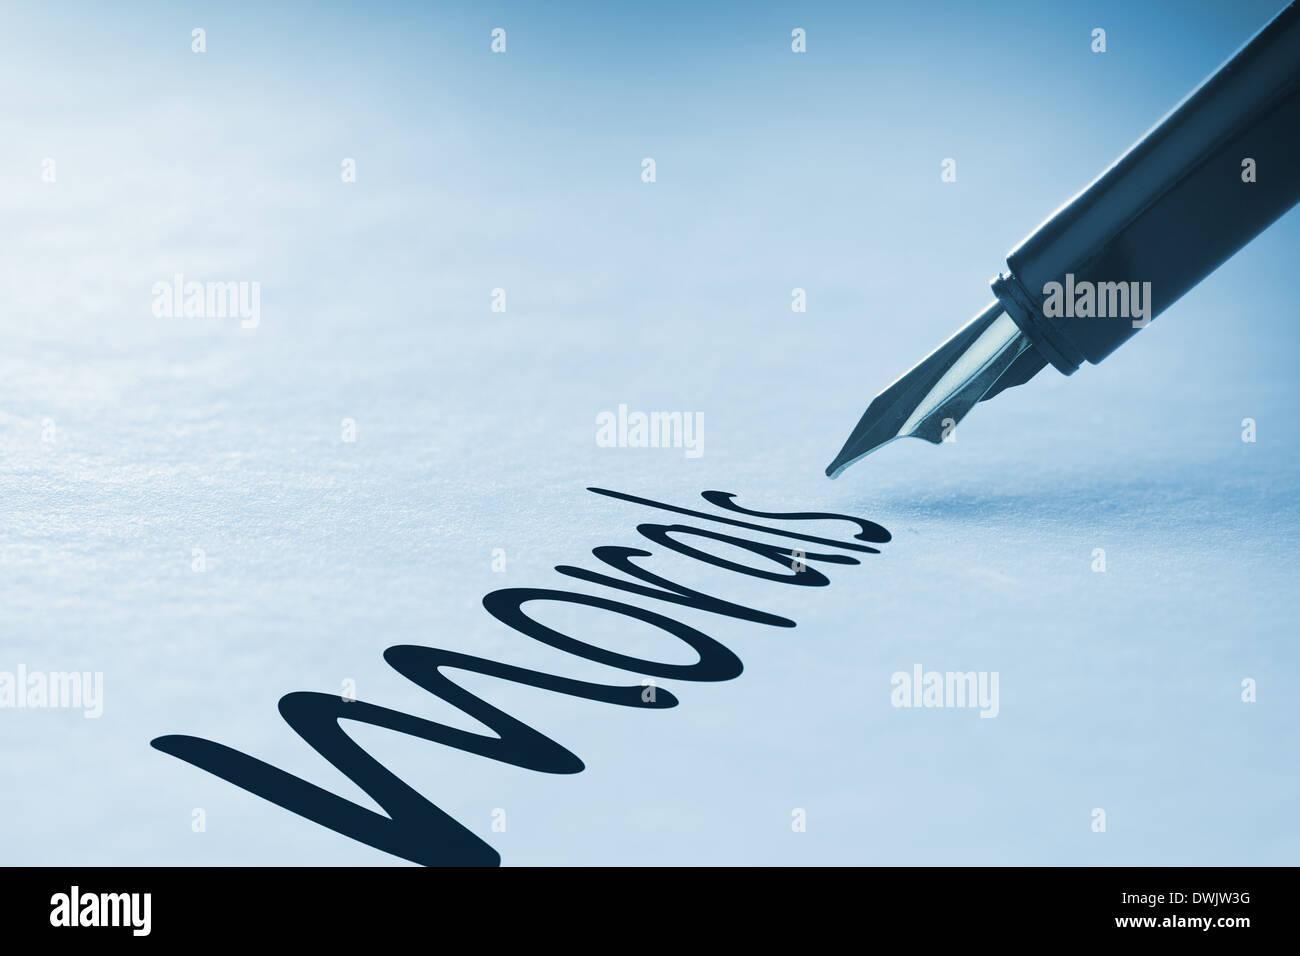 Penna stilografica morale di scrittura Immagini Stock